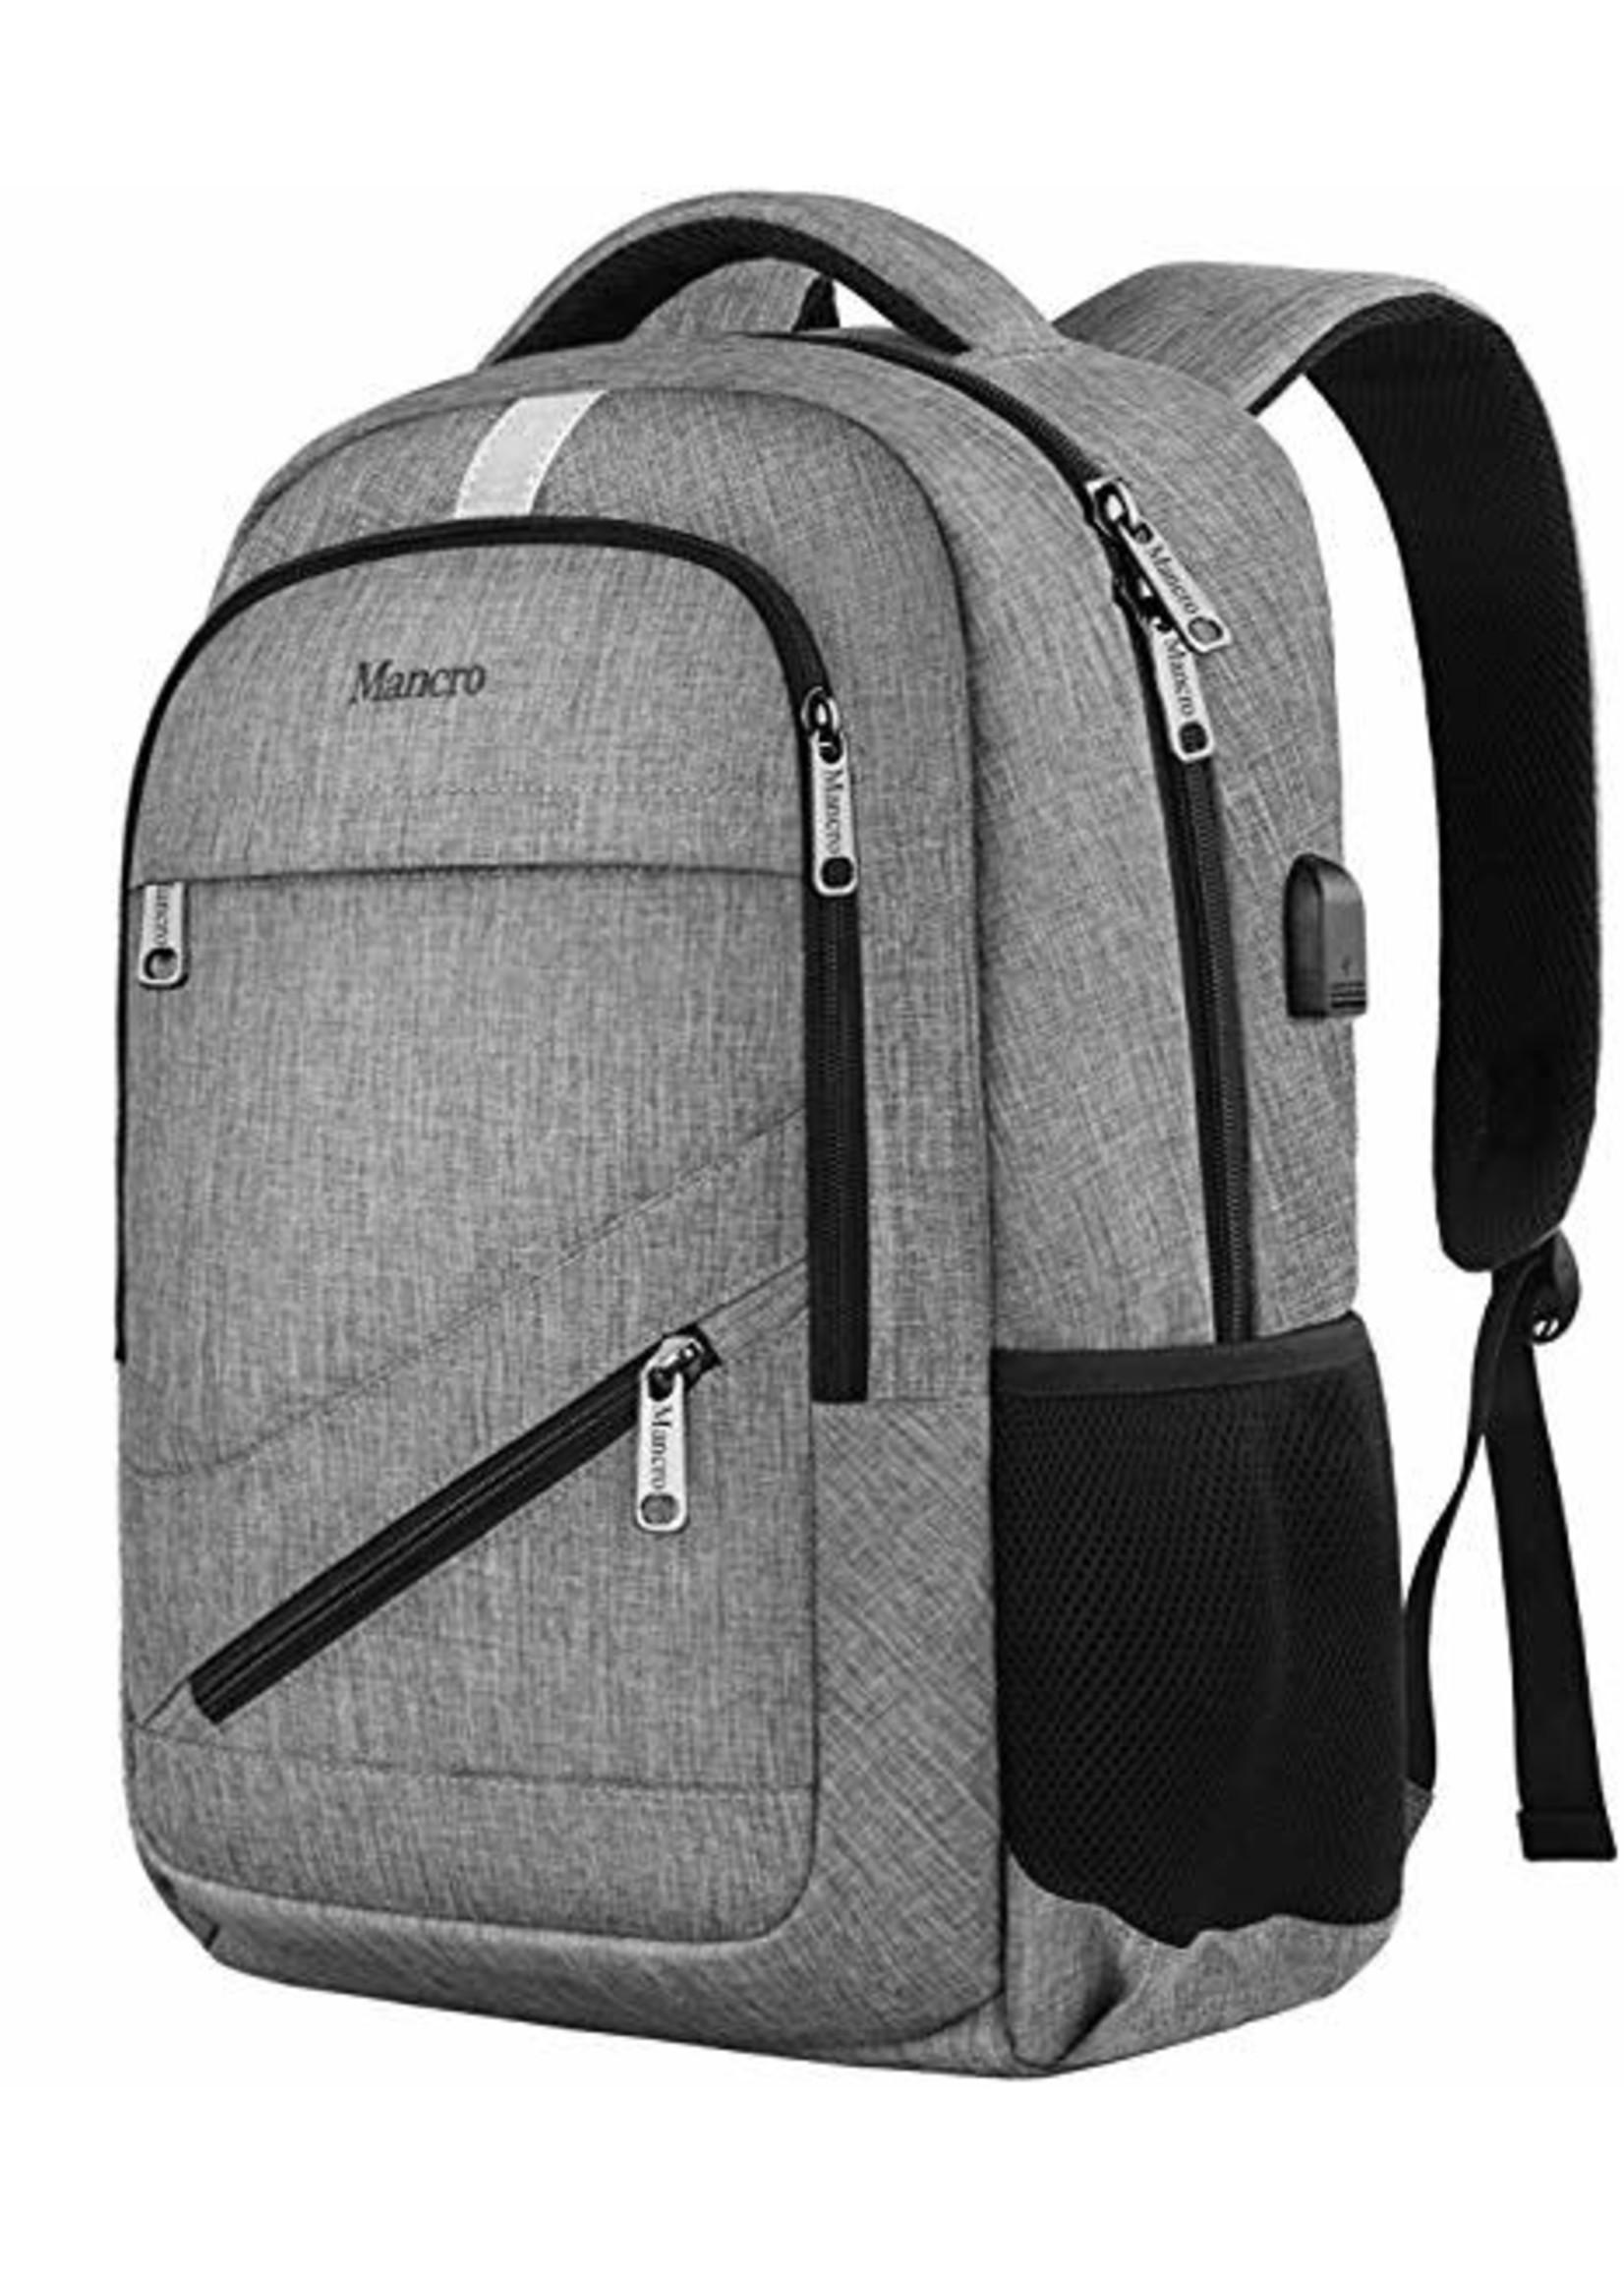 Mancro 15.6 Inch Laptop Bag